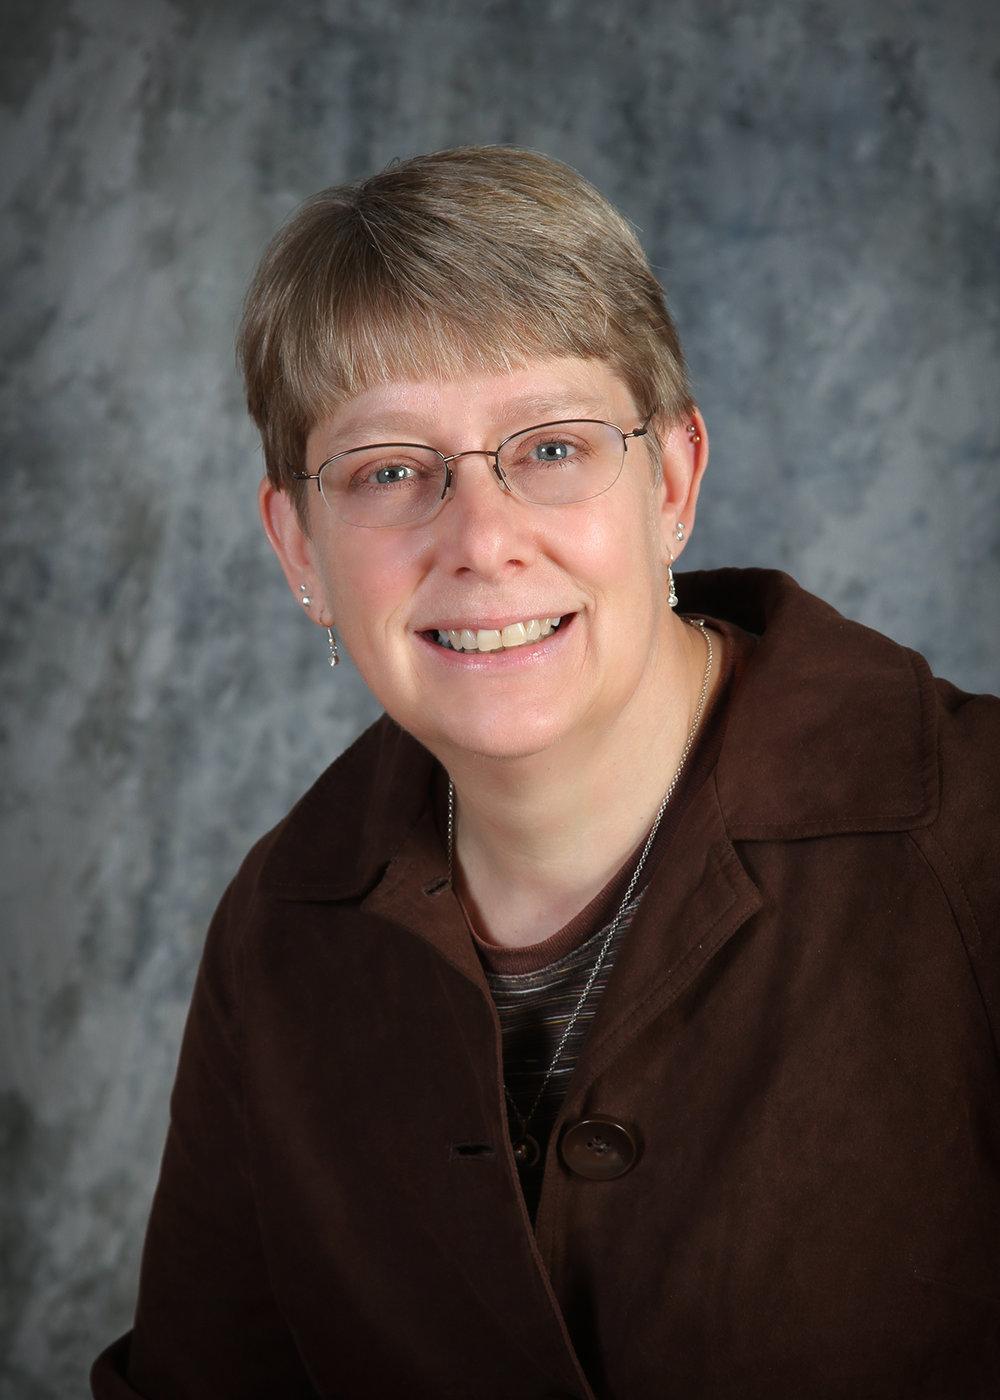 Debra Ortner - Deputy Clerk  (715)267-6205  dtortner@greenwoodwi.com